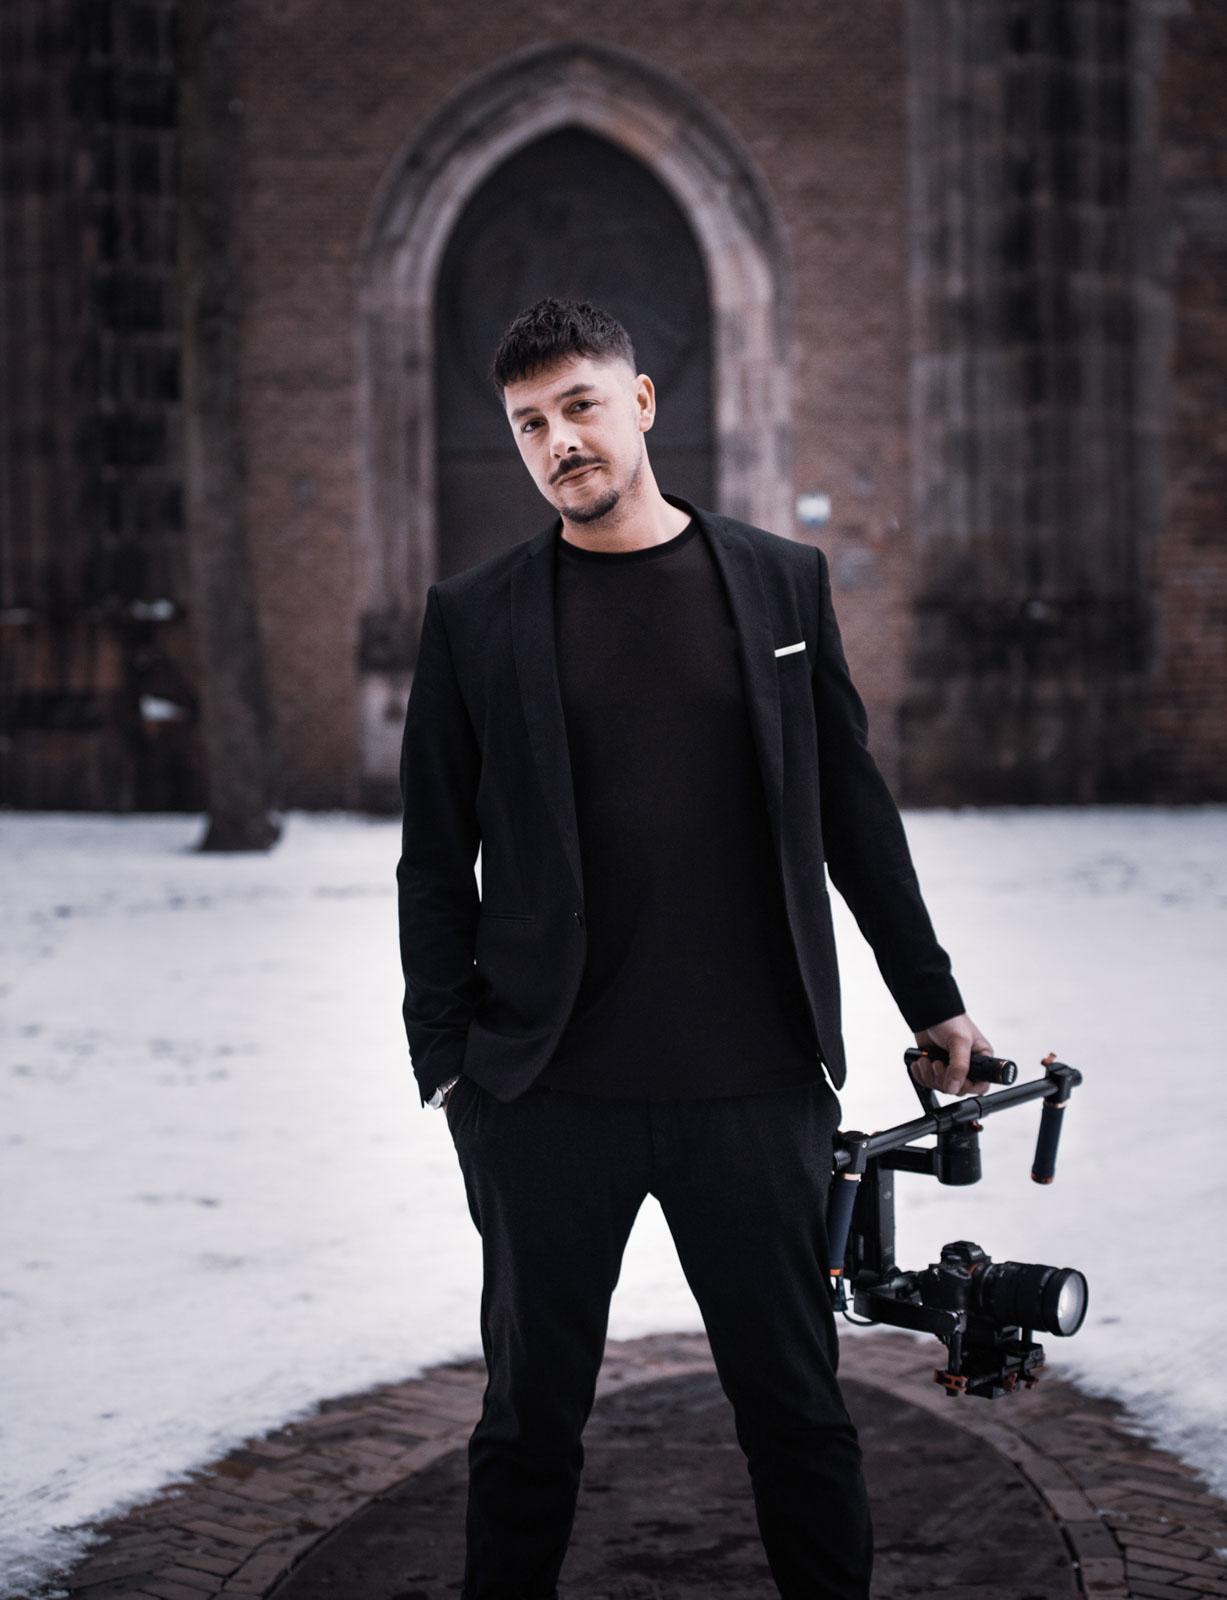 videograaf foto